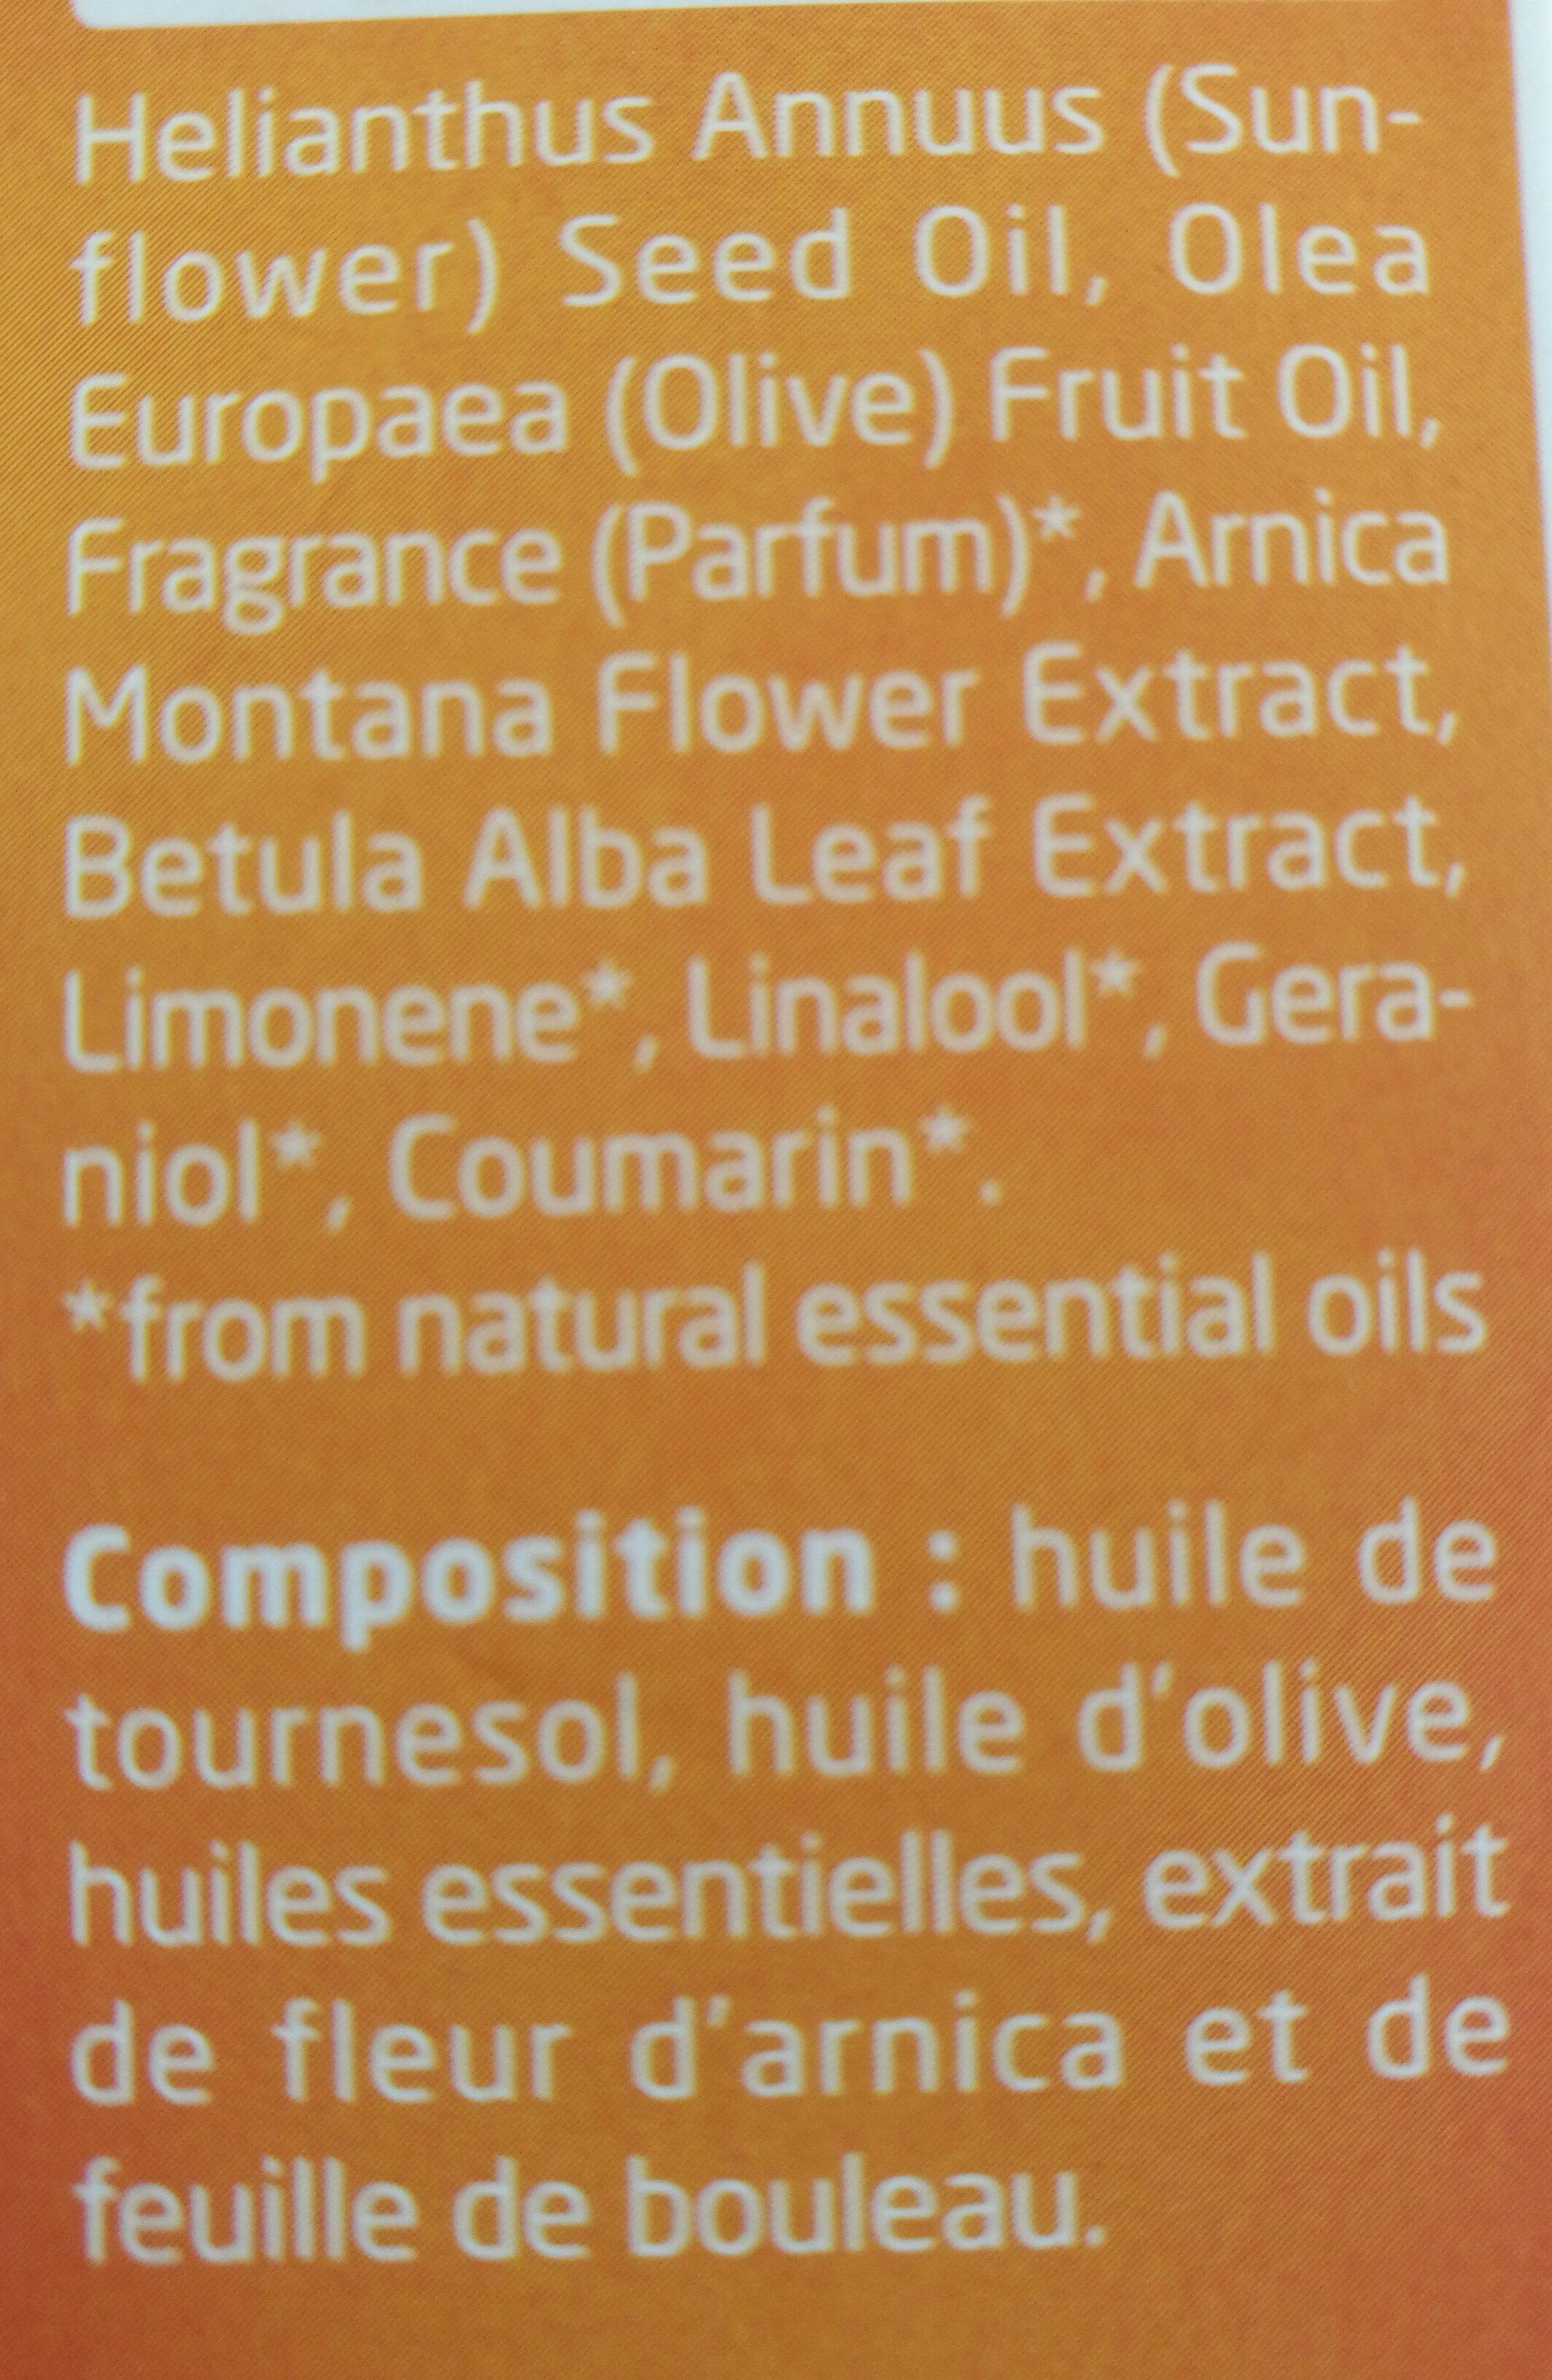 Huile de massage Arnica - Ingredients - en